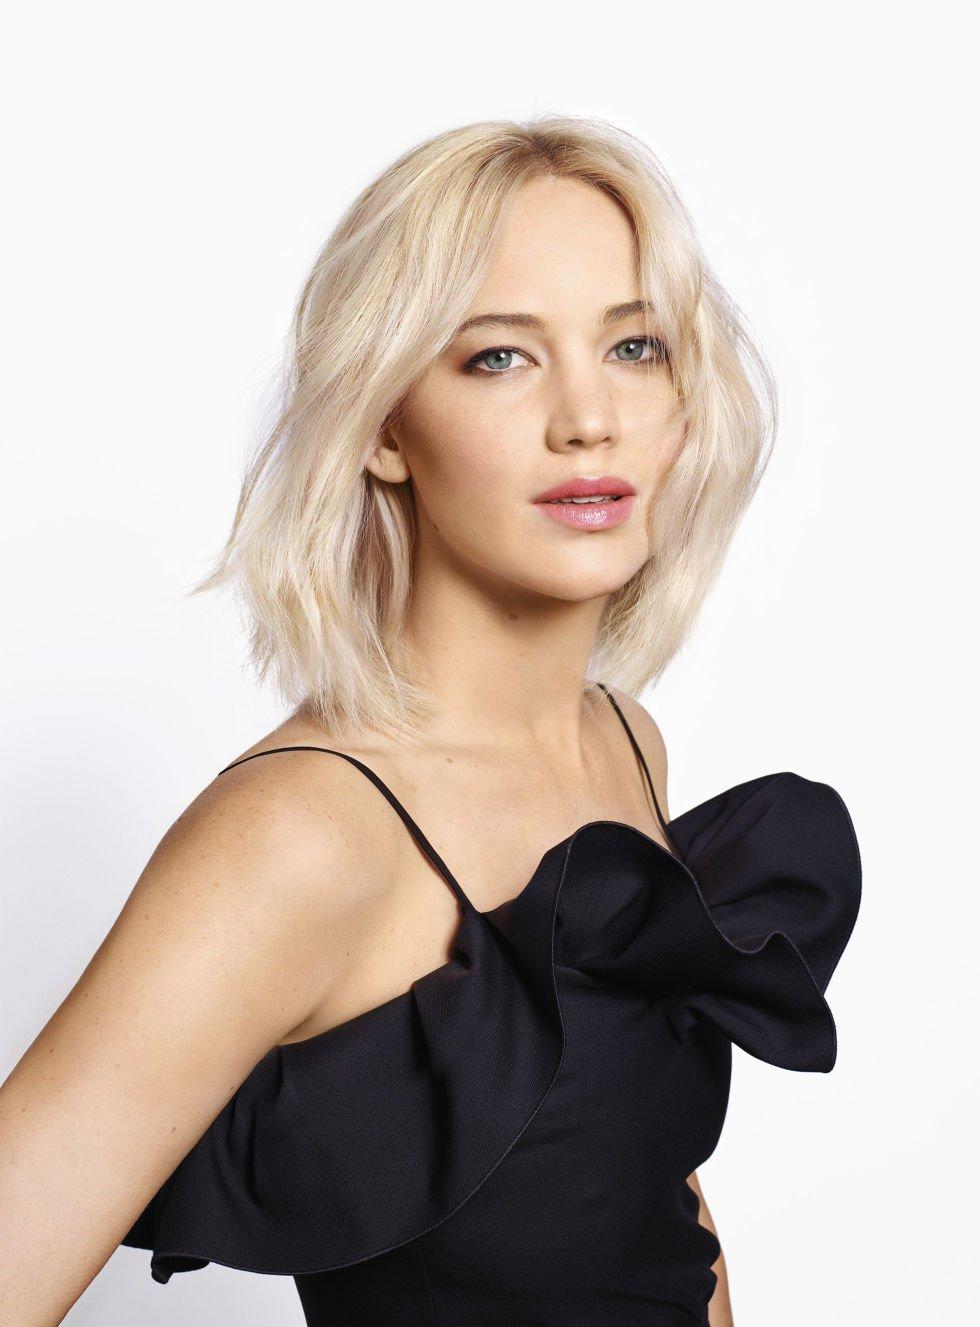 Jennifer Lawrence (4)   Hot Celebs Home Jennifer Lawrence